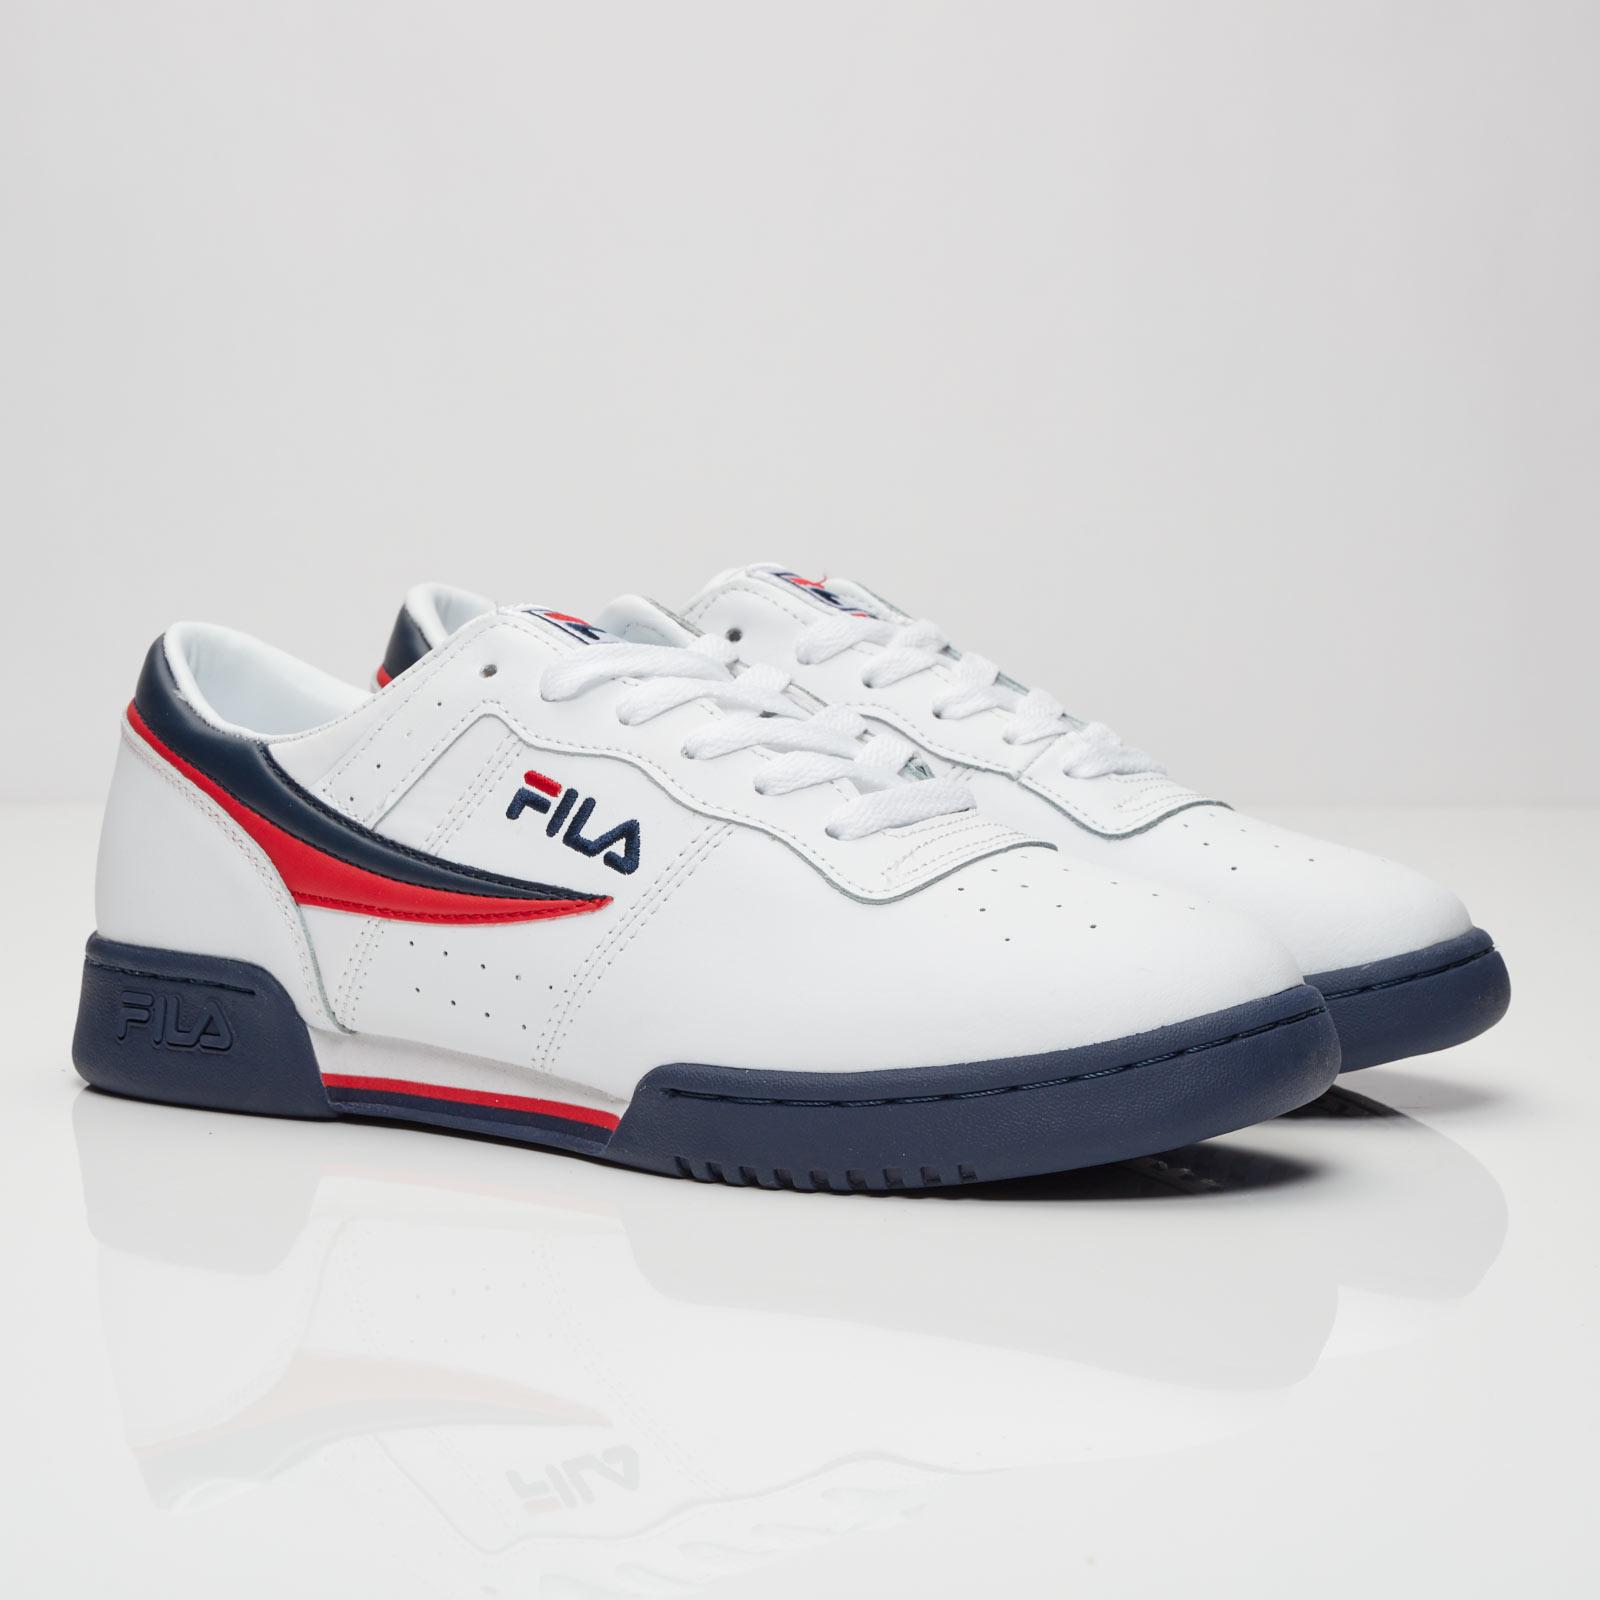 bb85590a66393c Fila Original Fitness - 11f16lt - Sneakersnstuff